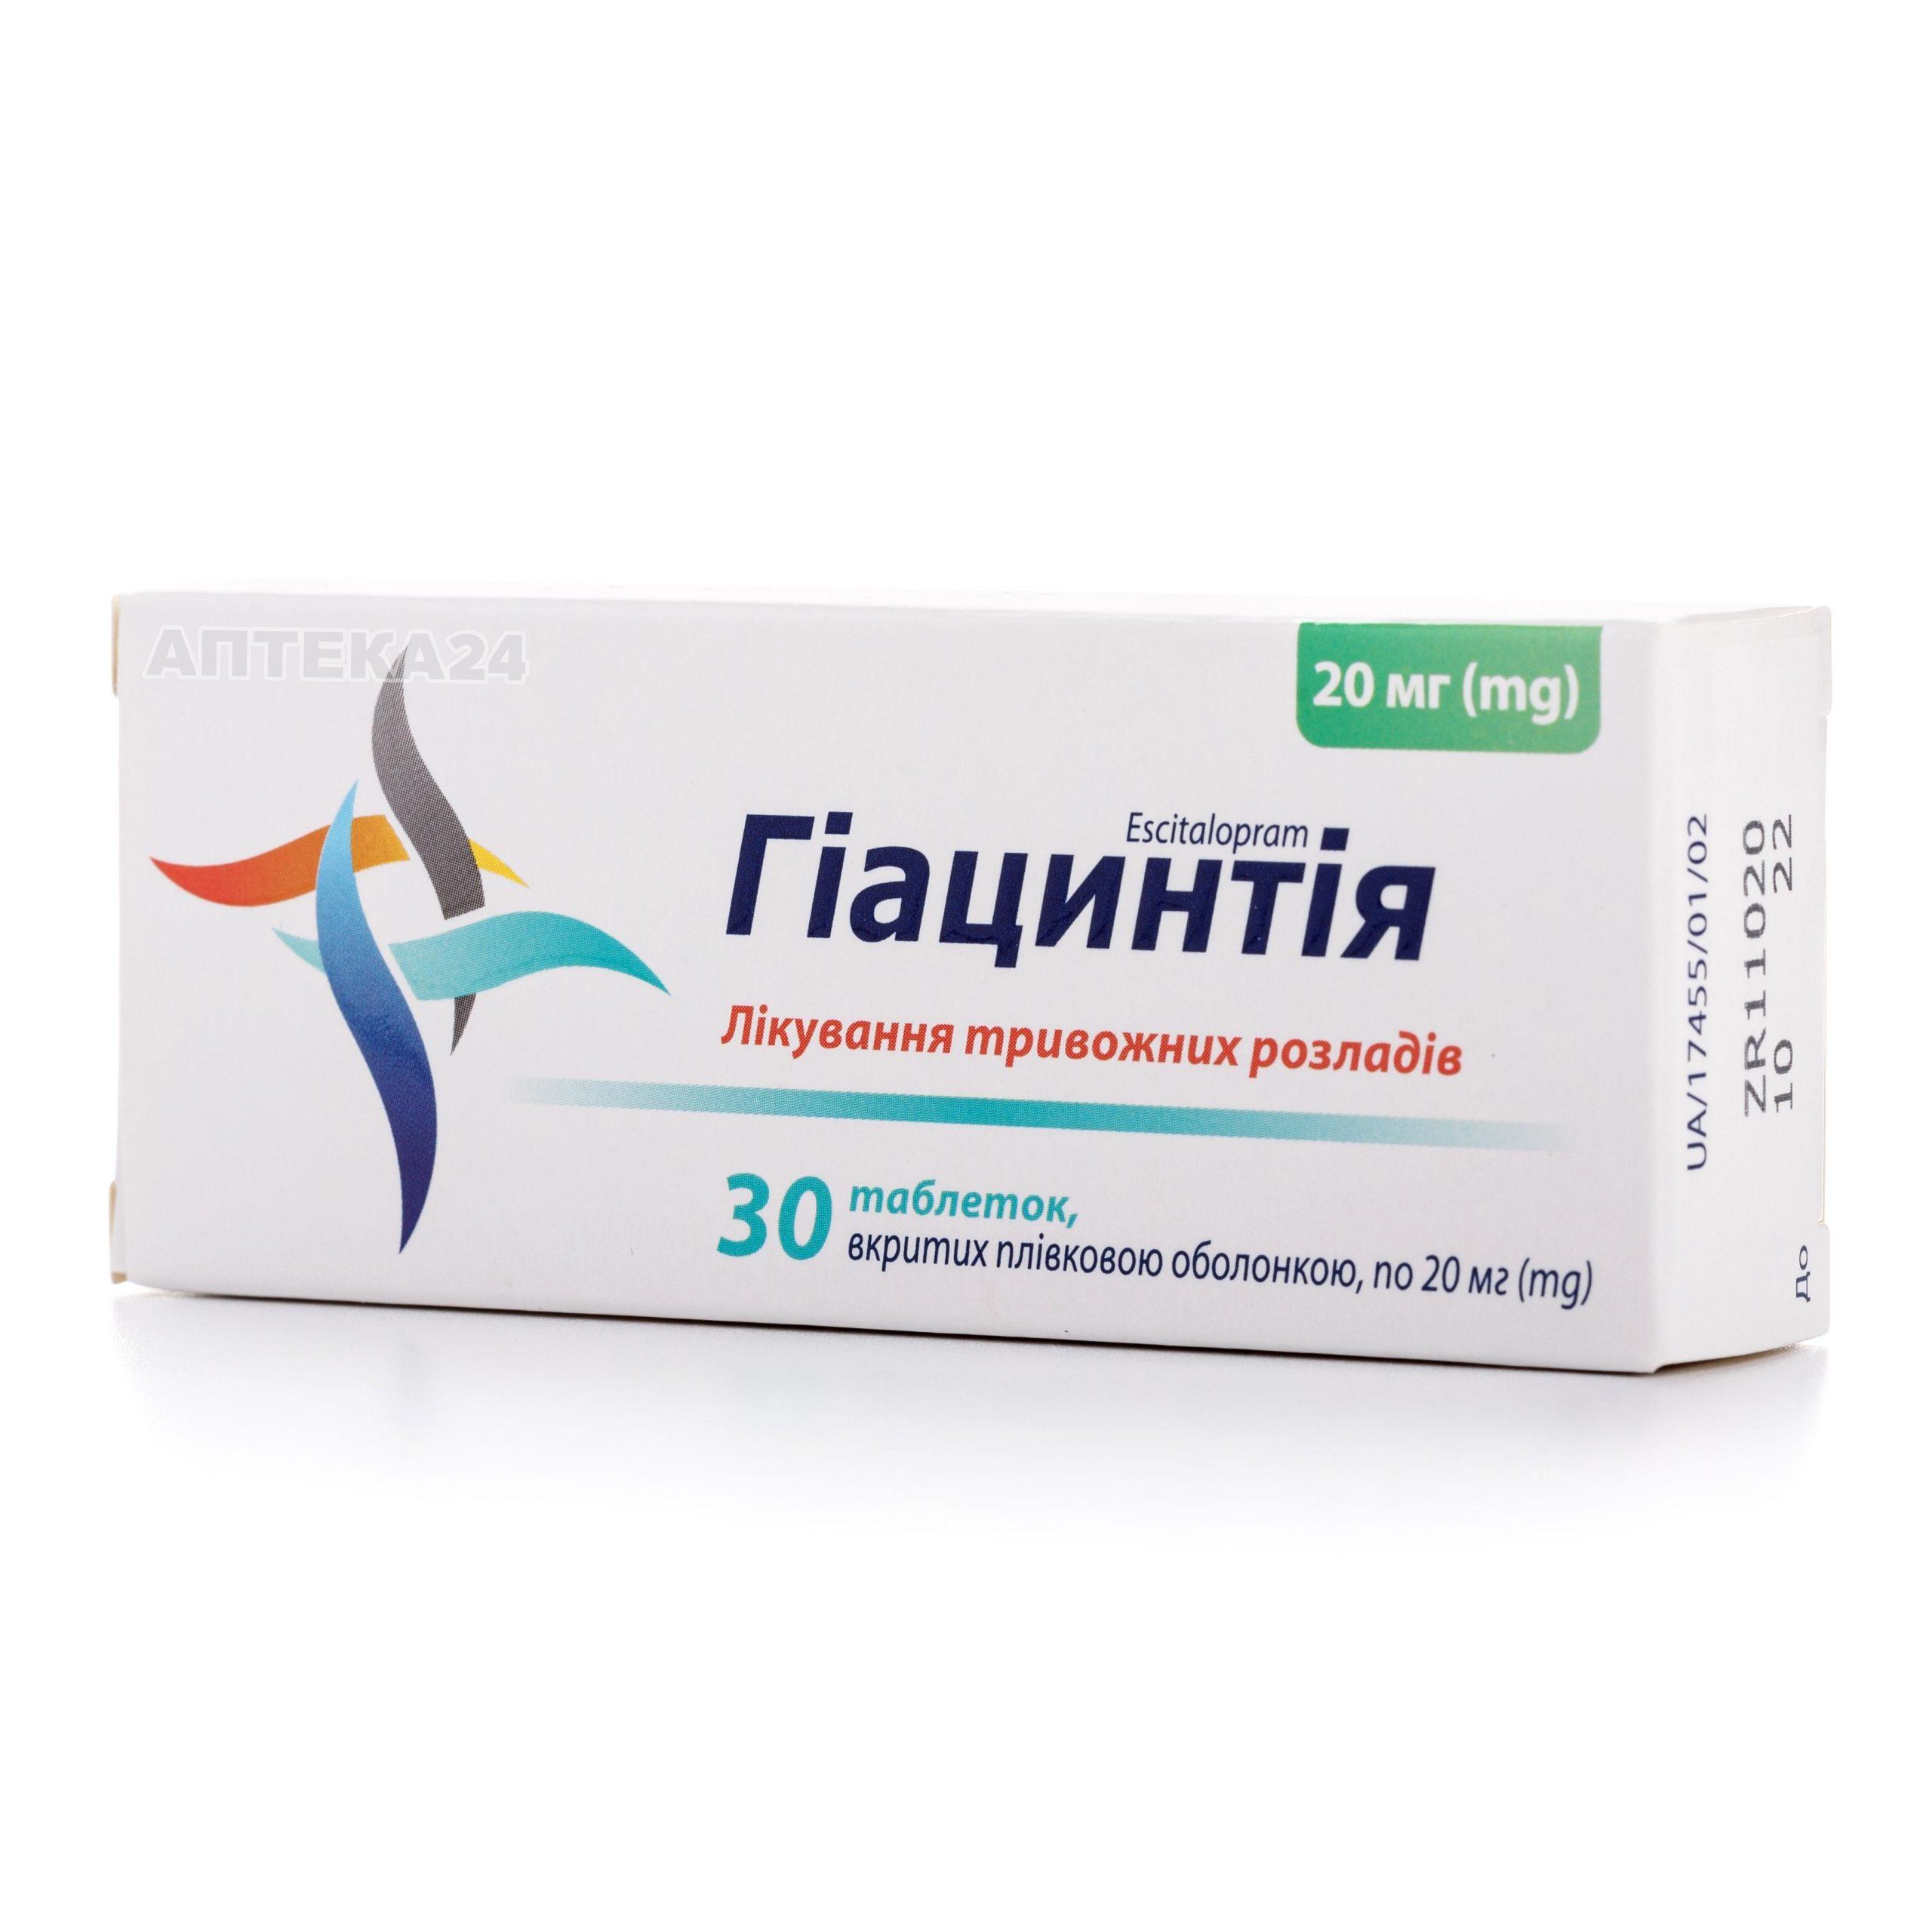 Гиацинтия таблетки 20 мг №30_6005dde1ad547.jpeg